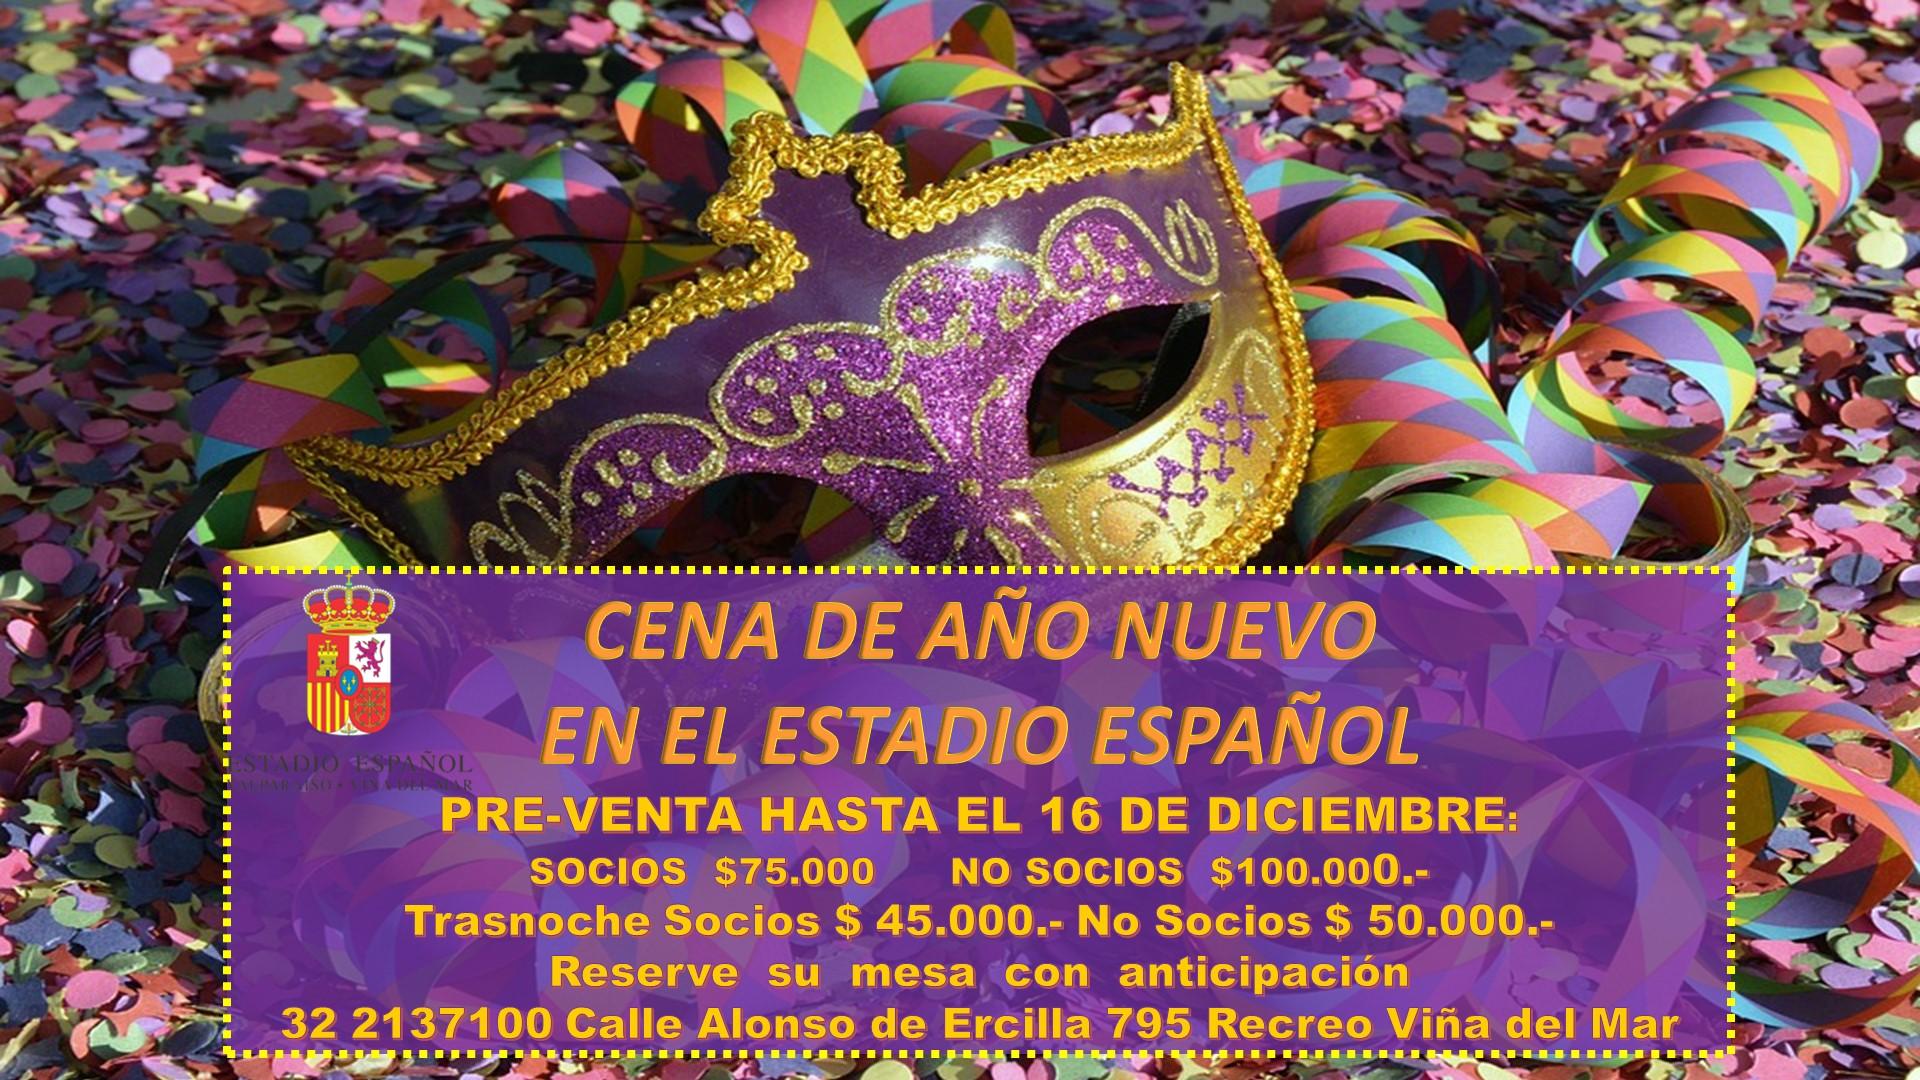 22-2 AÑO NUEVO 2018-2019 MASCARA